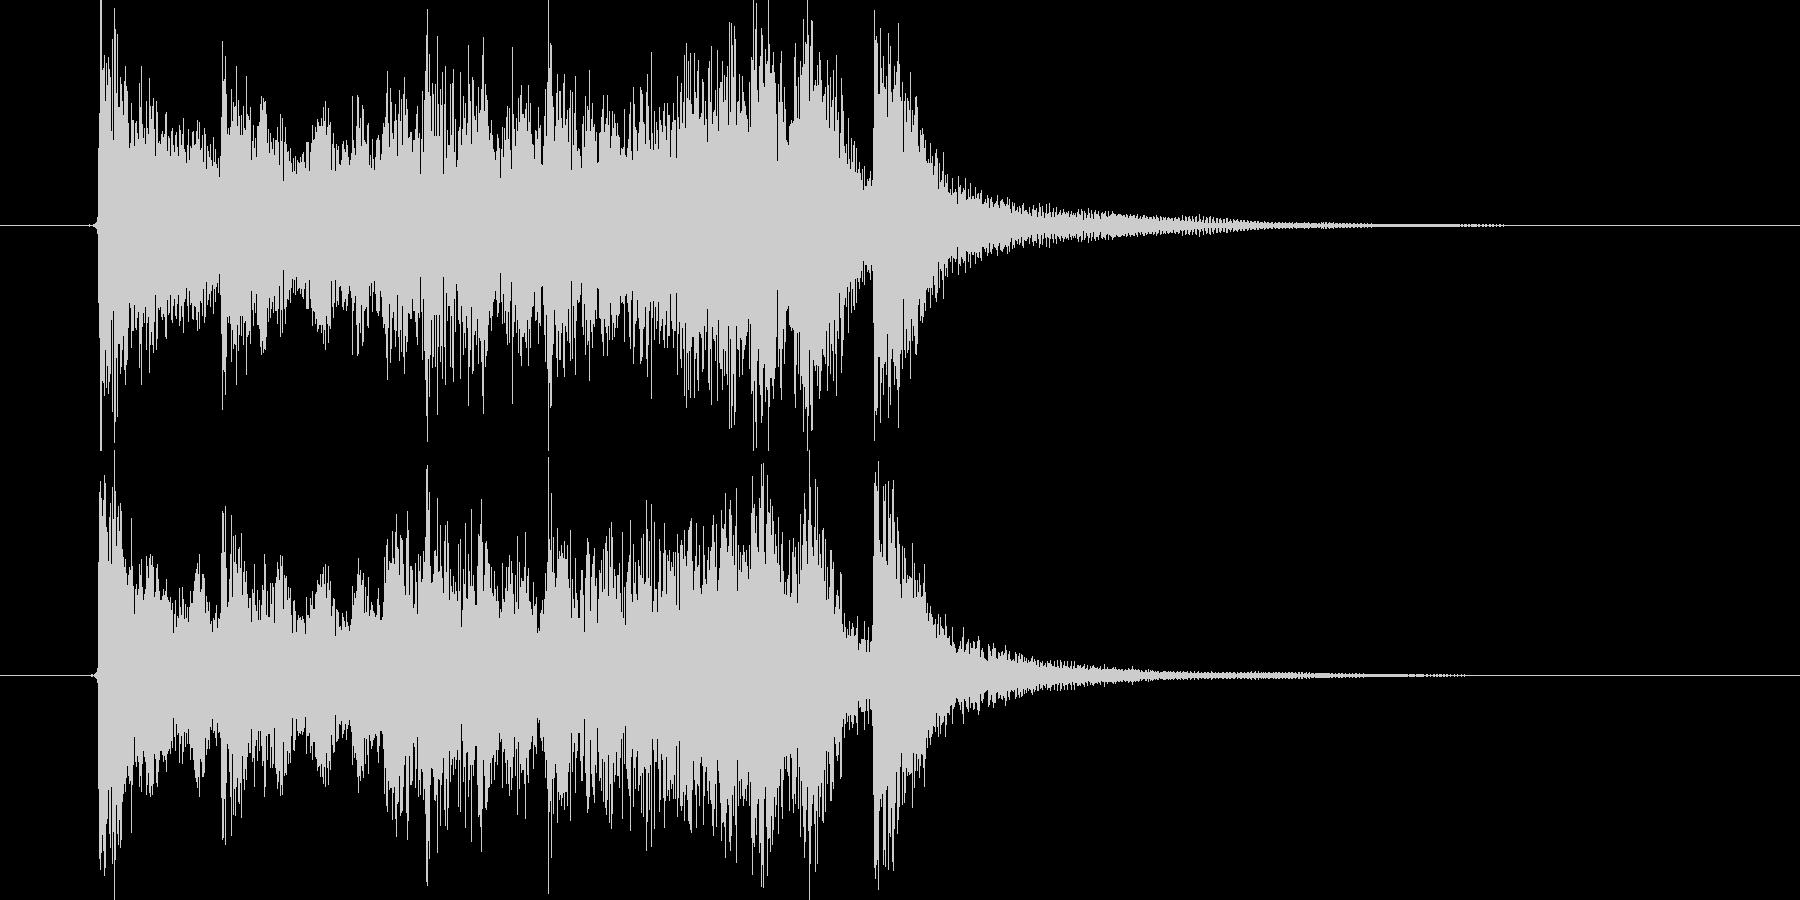 始まりを告げるアップテンポな音楽の未再生の波形